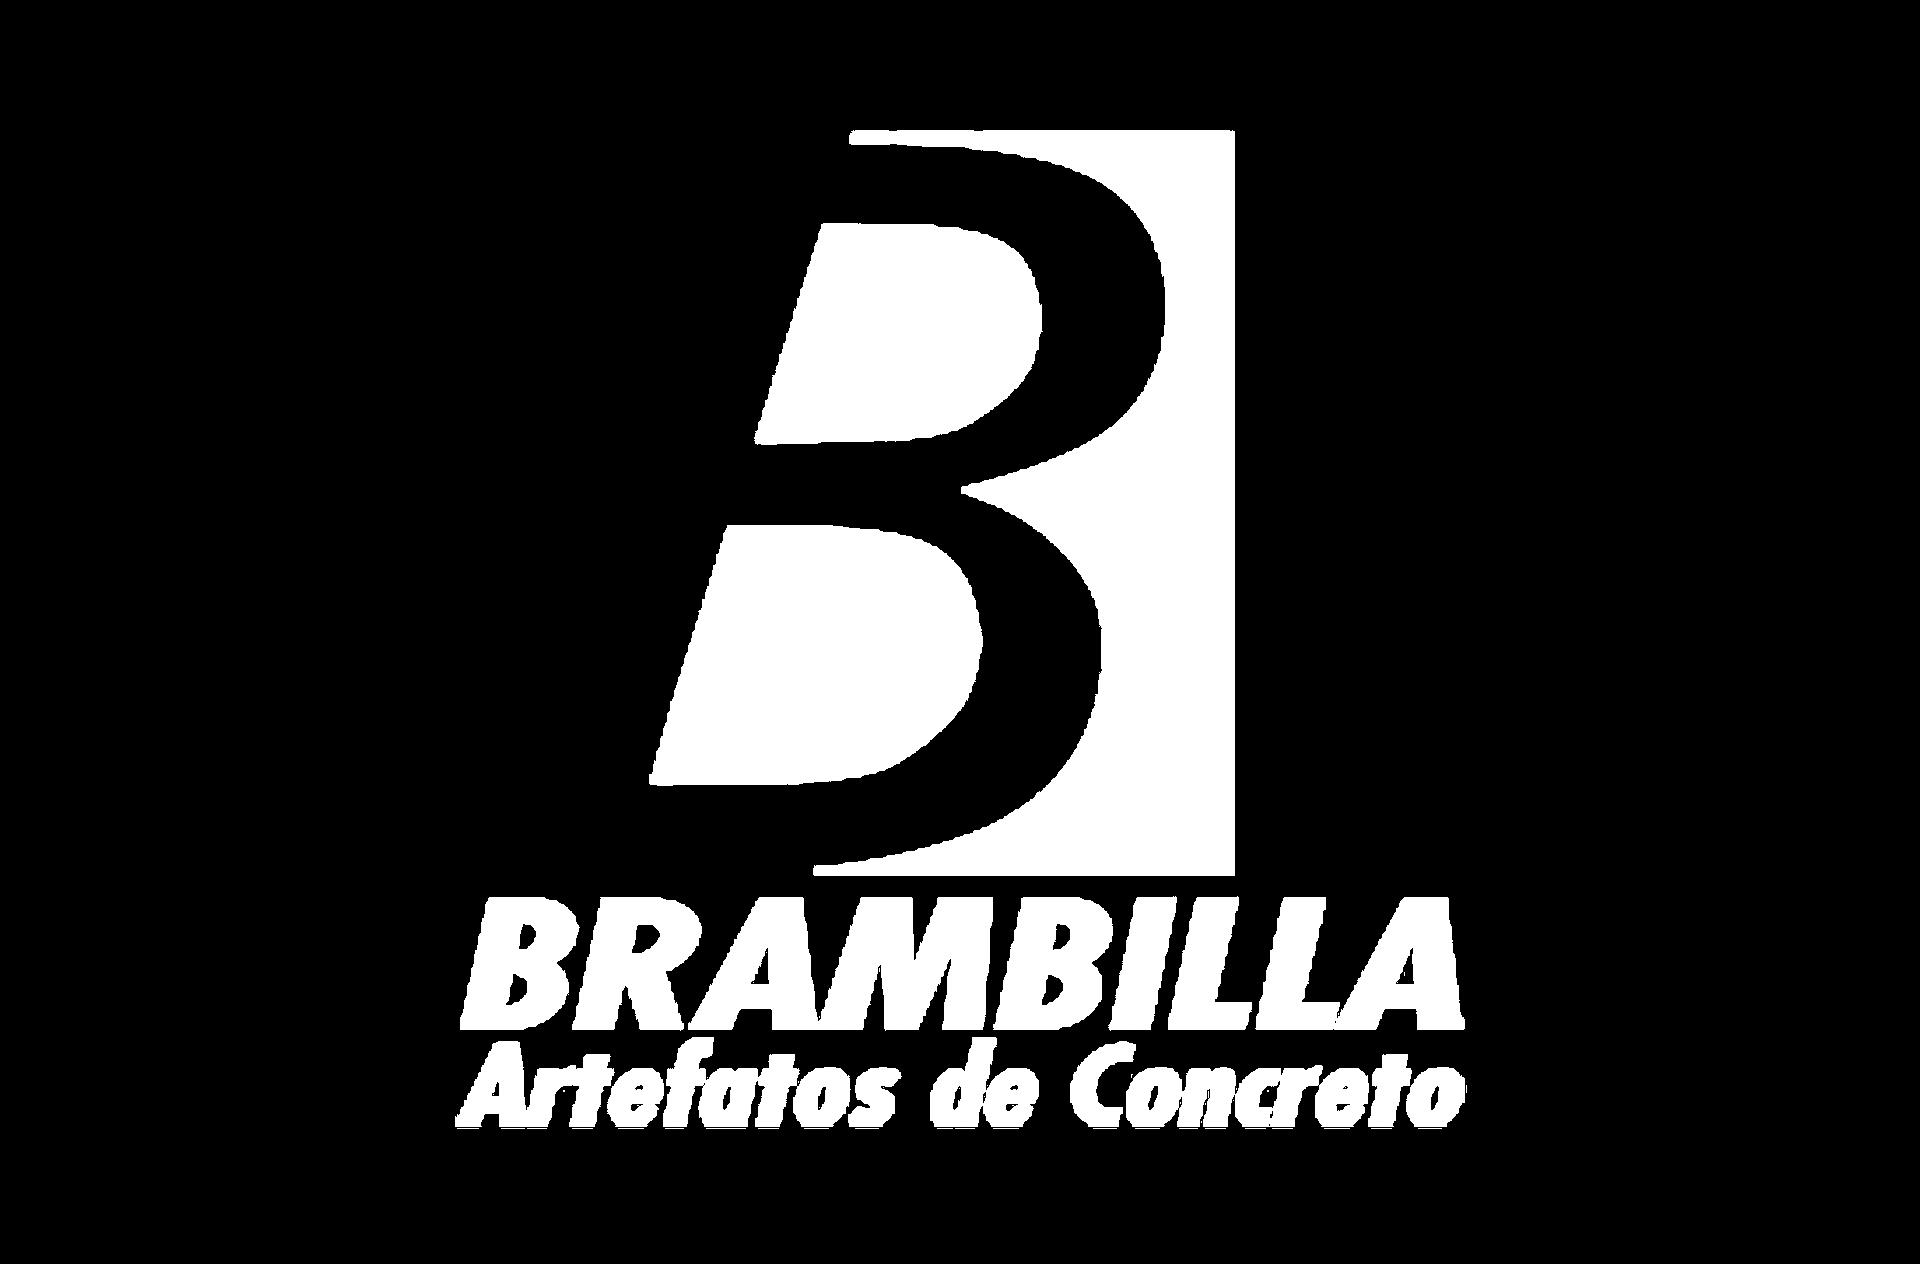 brambilla-artefatos-de-concreto